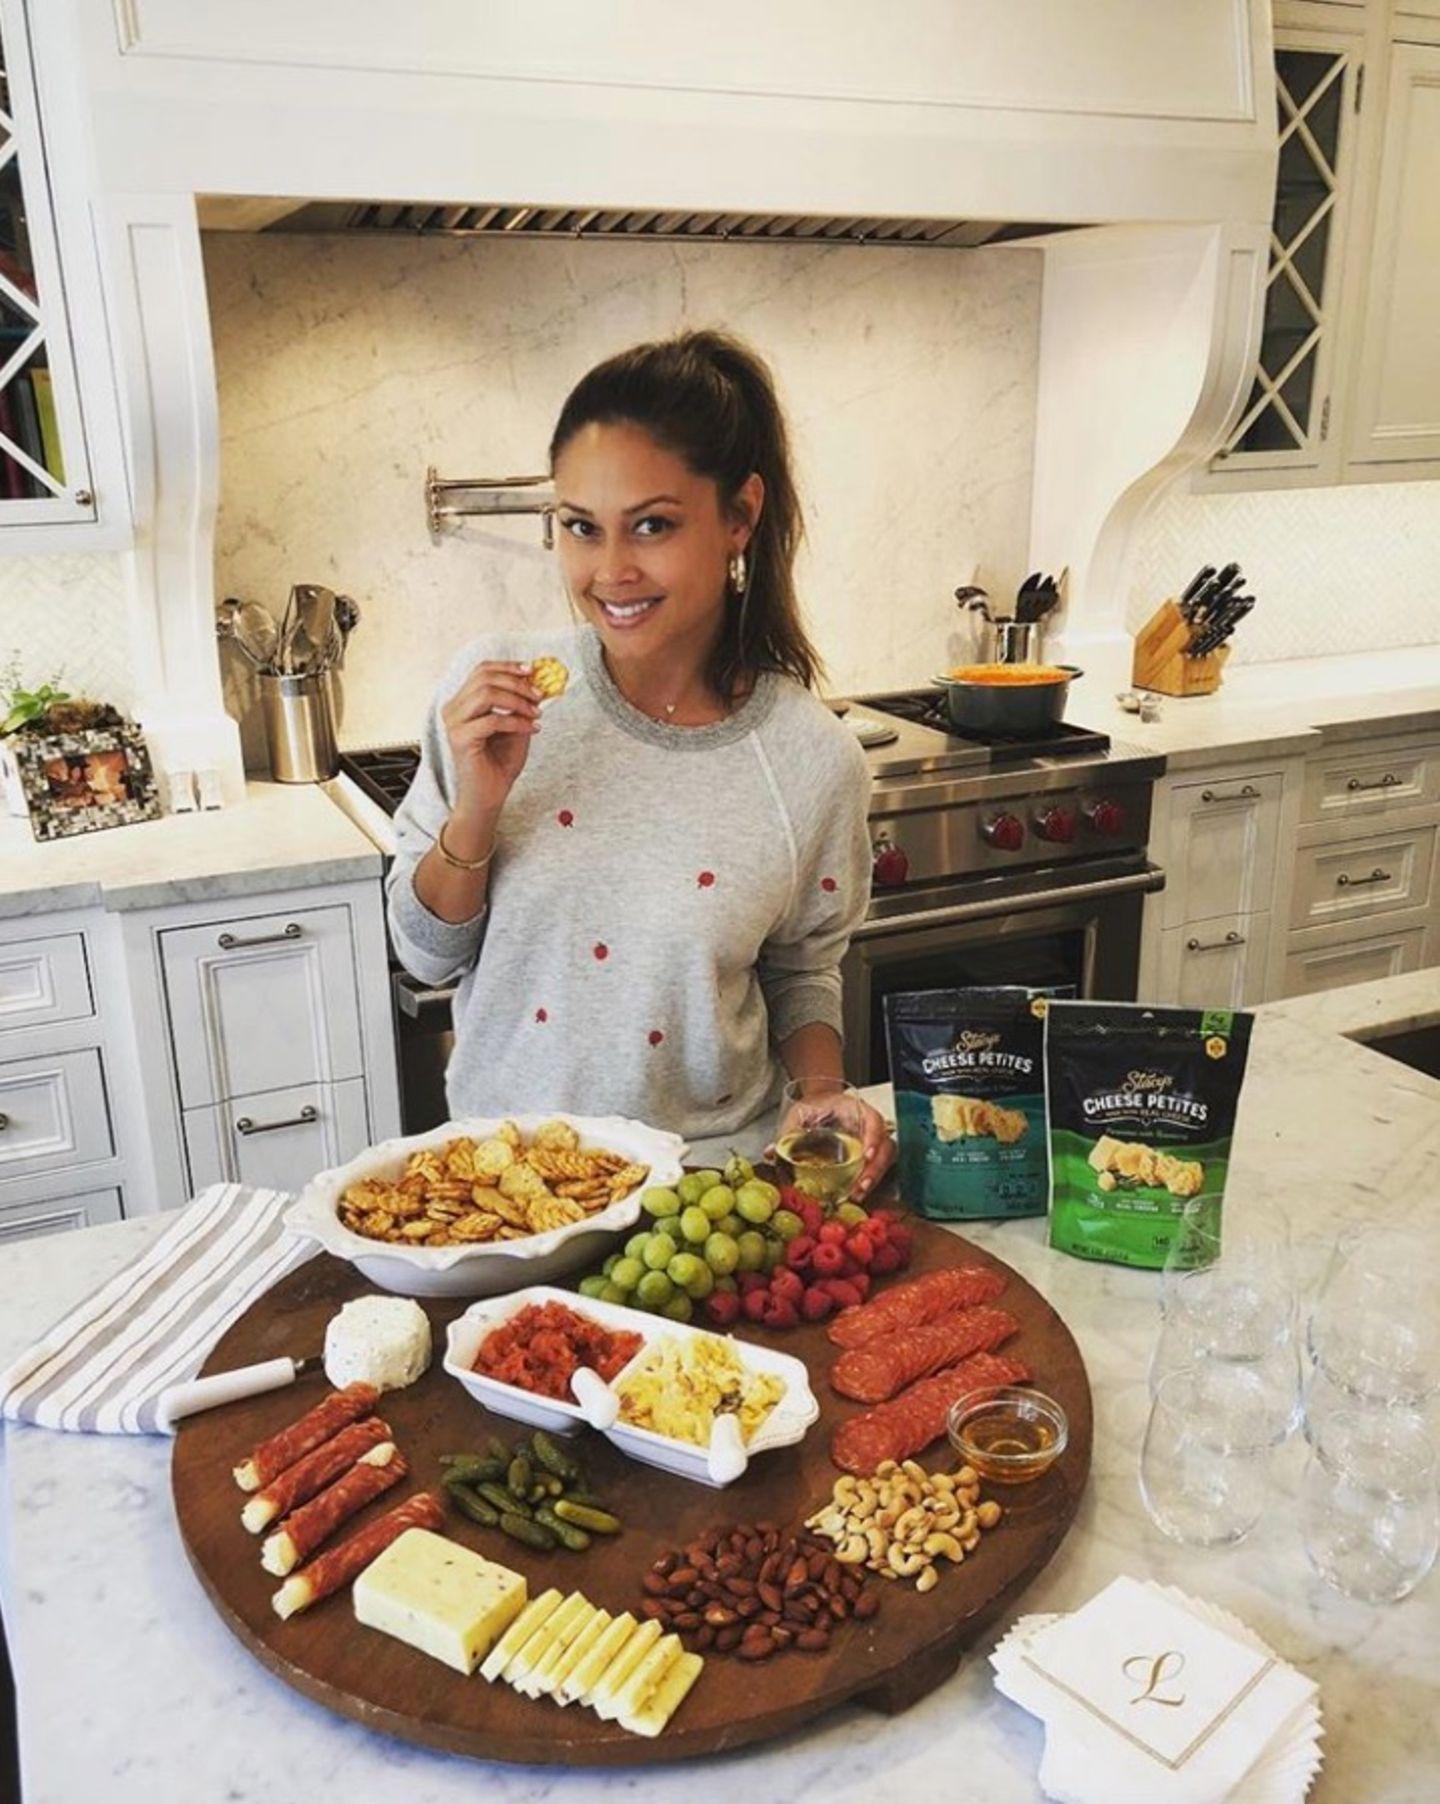 Moderatorin Vanessa Lachey macht sich mit zahlreichen Leckereien bereit für einen spaßigen Abend.